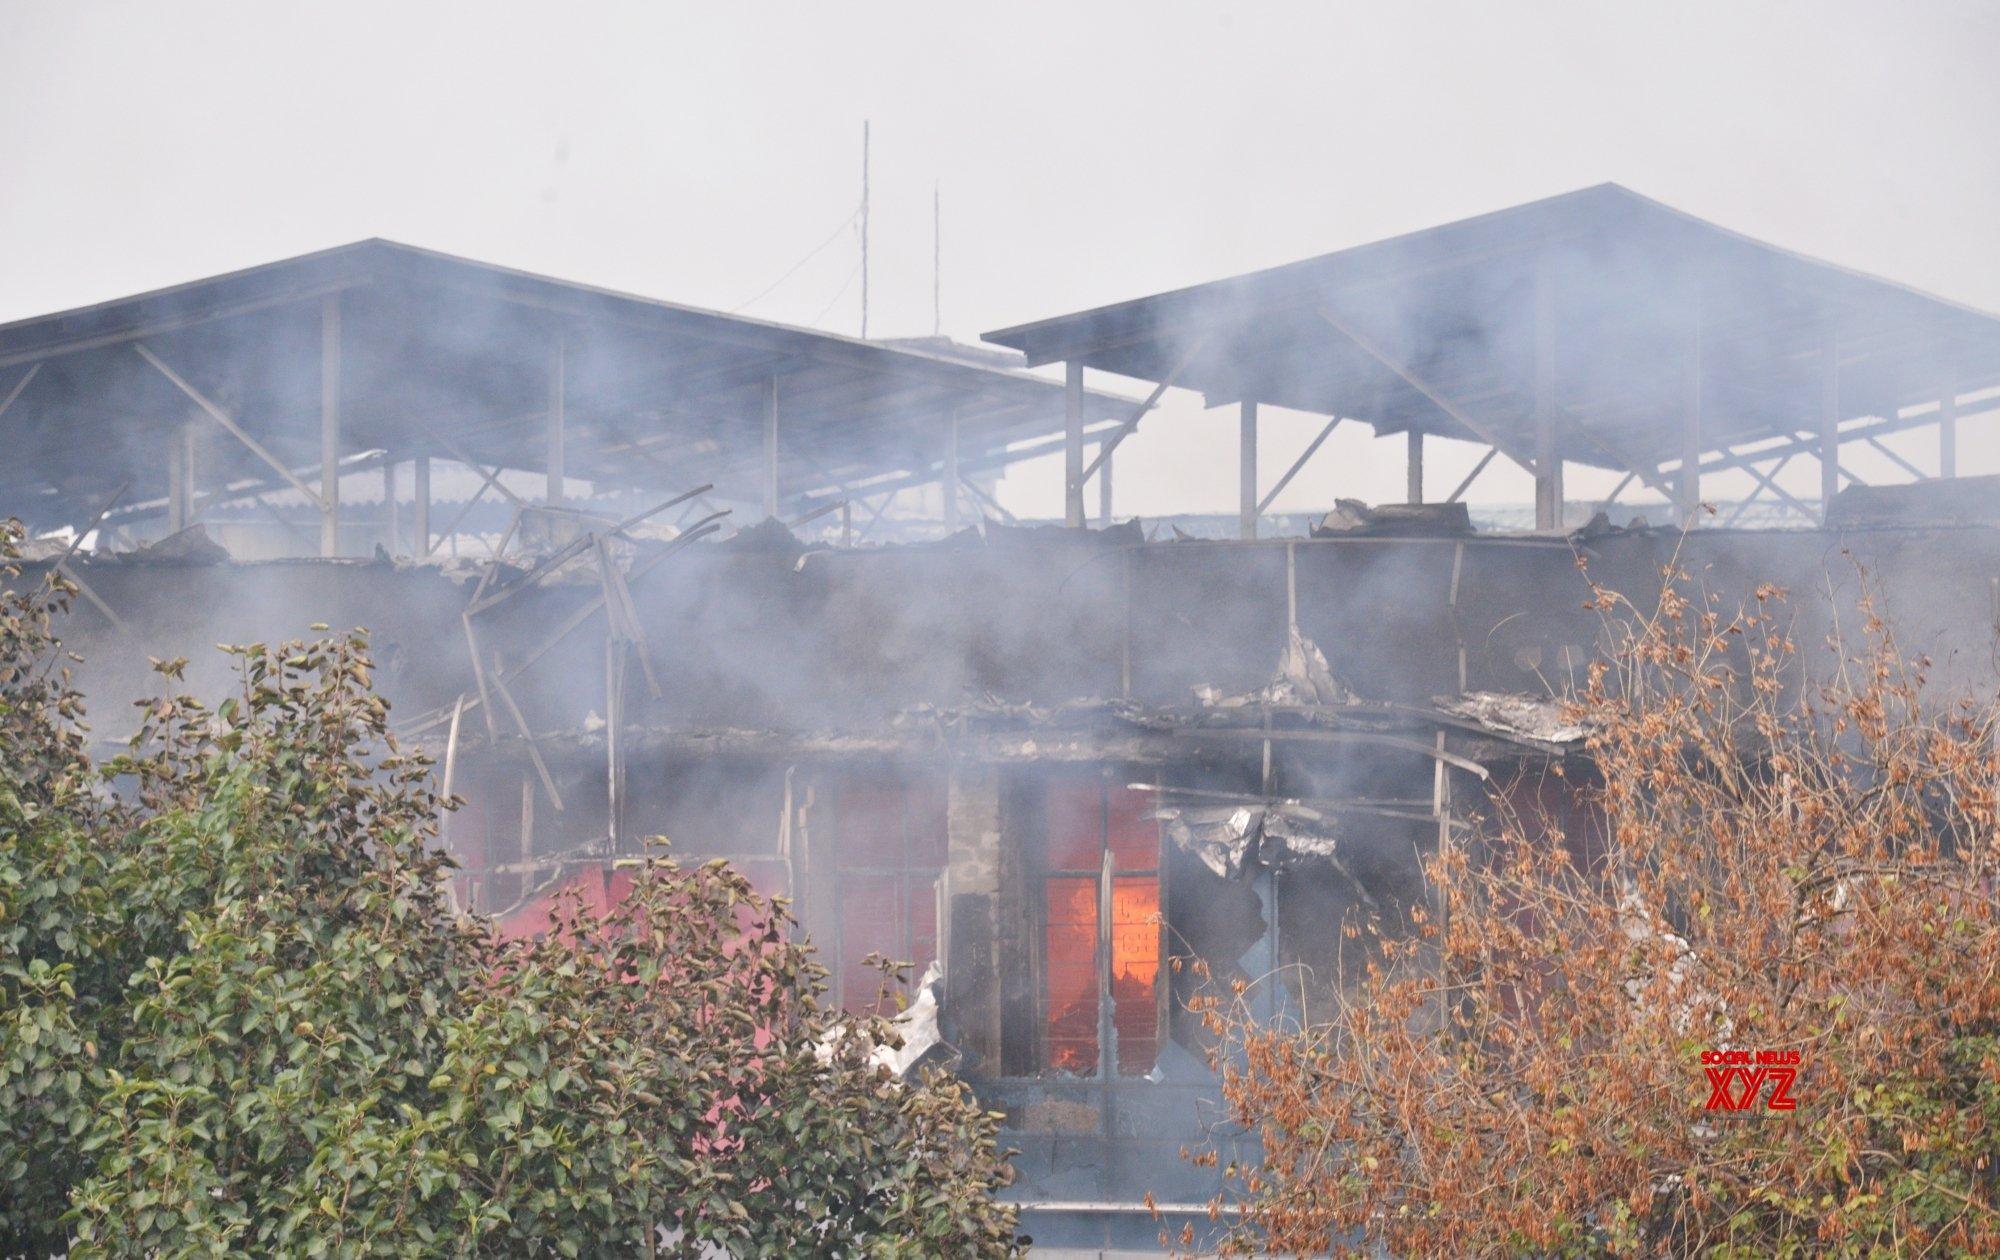 New Delhi: Fire breaks out in Delhi factory (Batch - 2) #Gallery